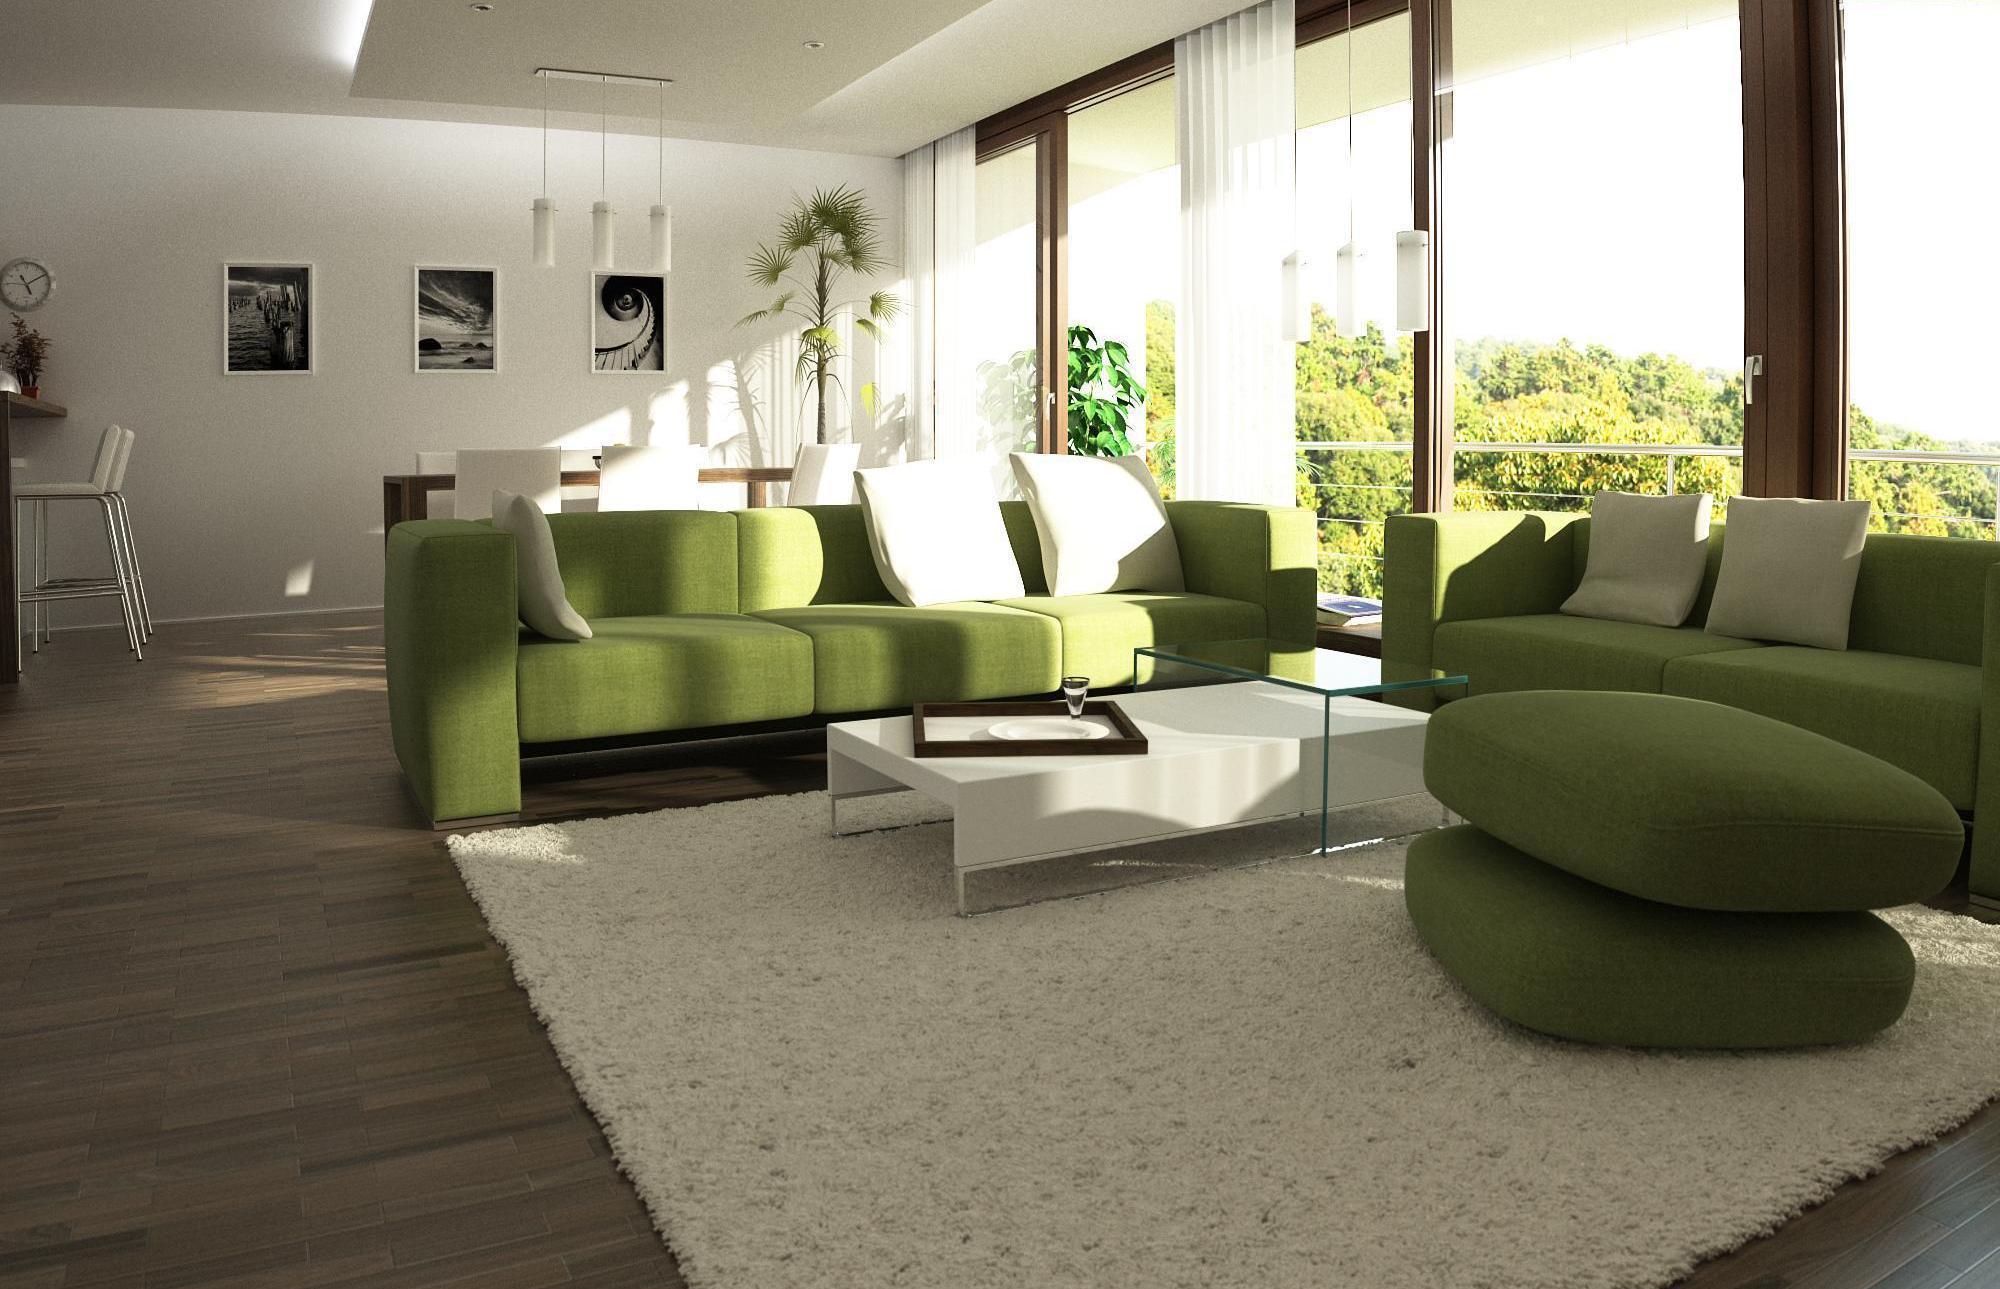 Выкатной диван в интерьере дома